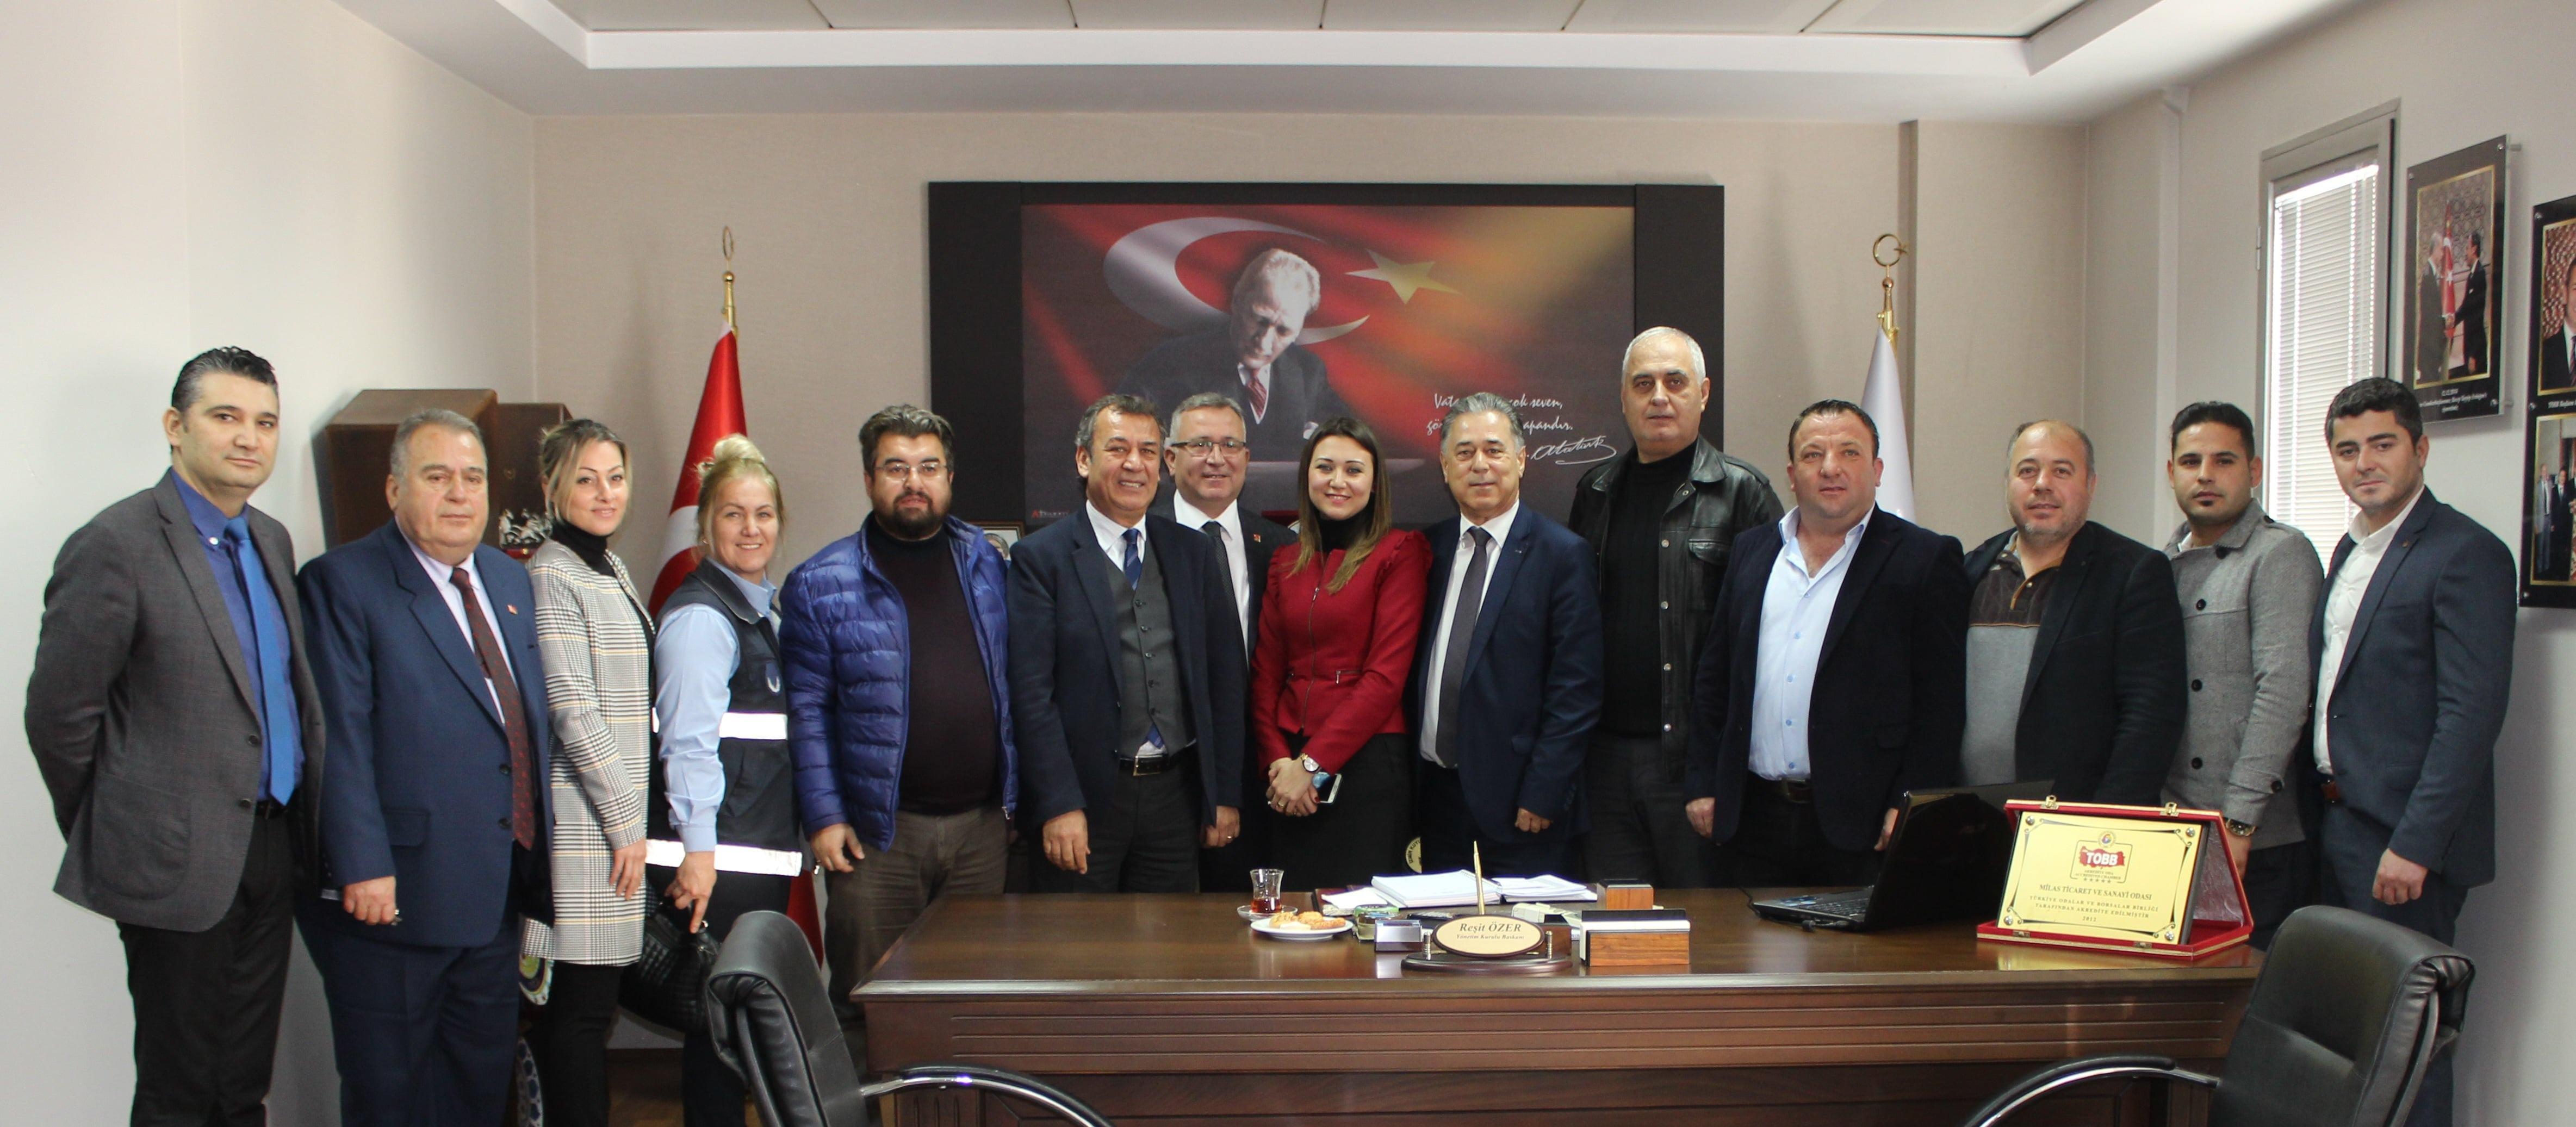 """CHP Milas İlçe Yönetiminin MİTSO'yu ziyaretinde konuşan Reşit Özer; """"MİLAS İKİ YIL İÇİNDE PARLAYAN BİR YILDIZ OLACAK"""""""